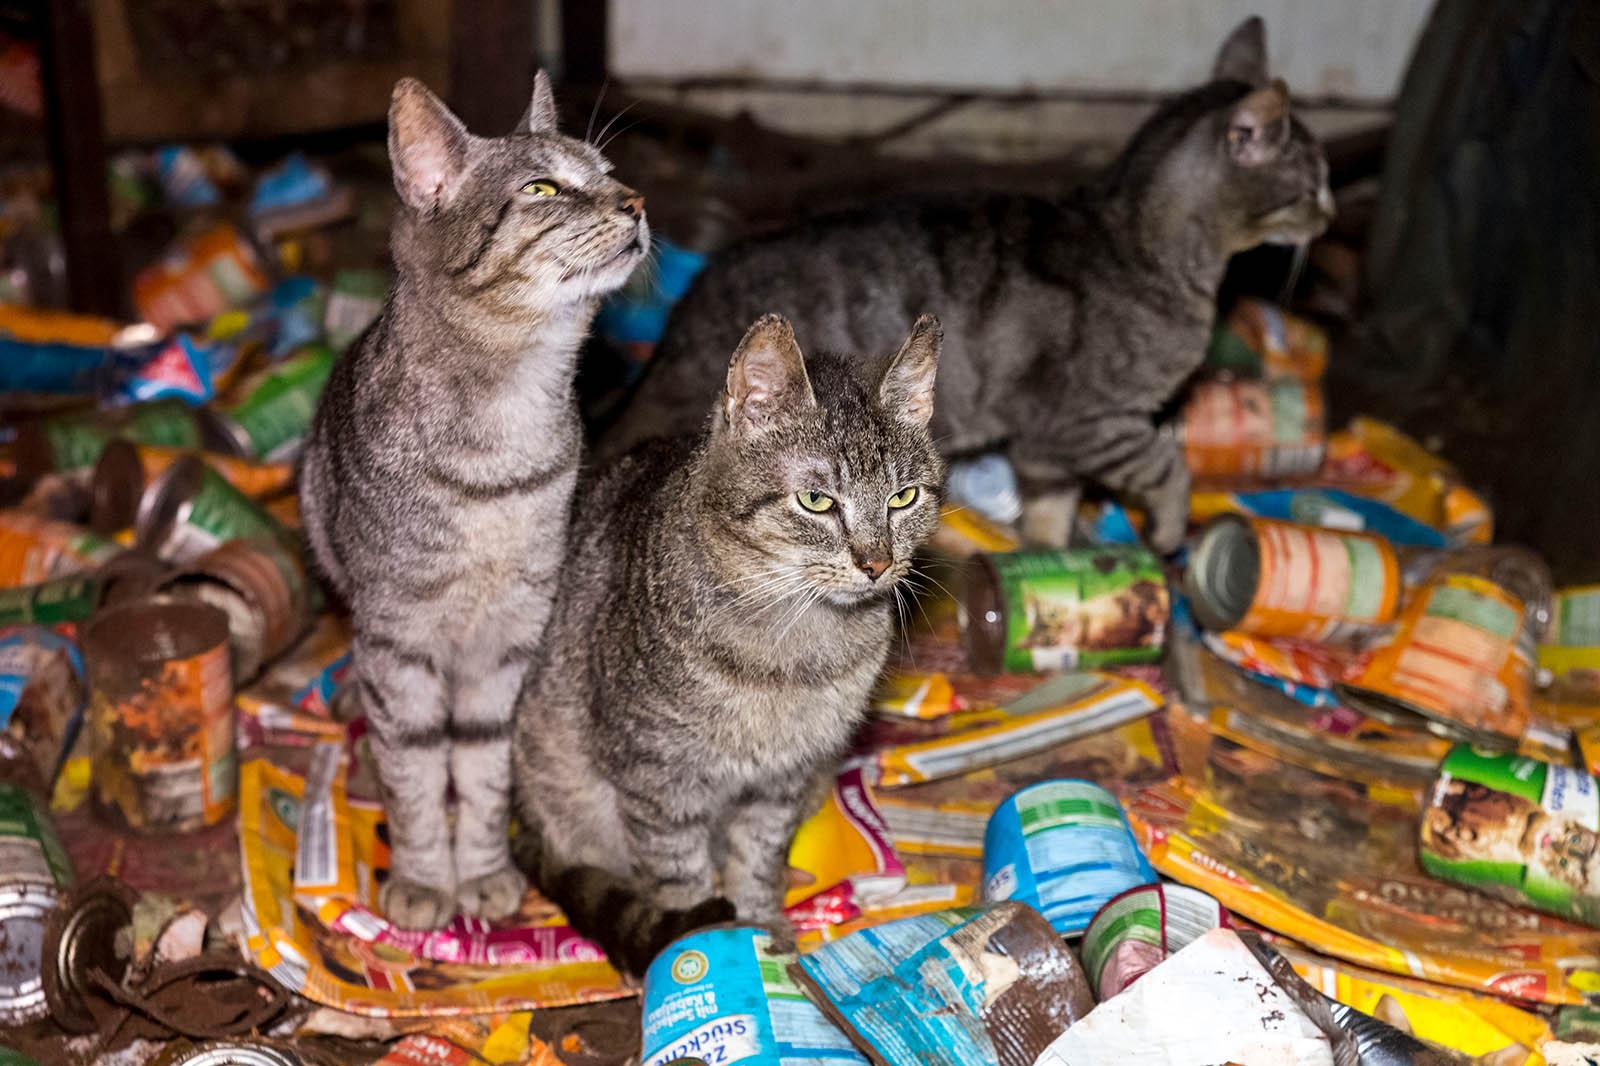 Animal Hoarding – wenn Menschen krankhaft Tiere sammeln